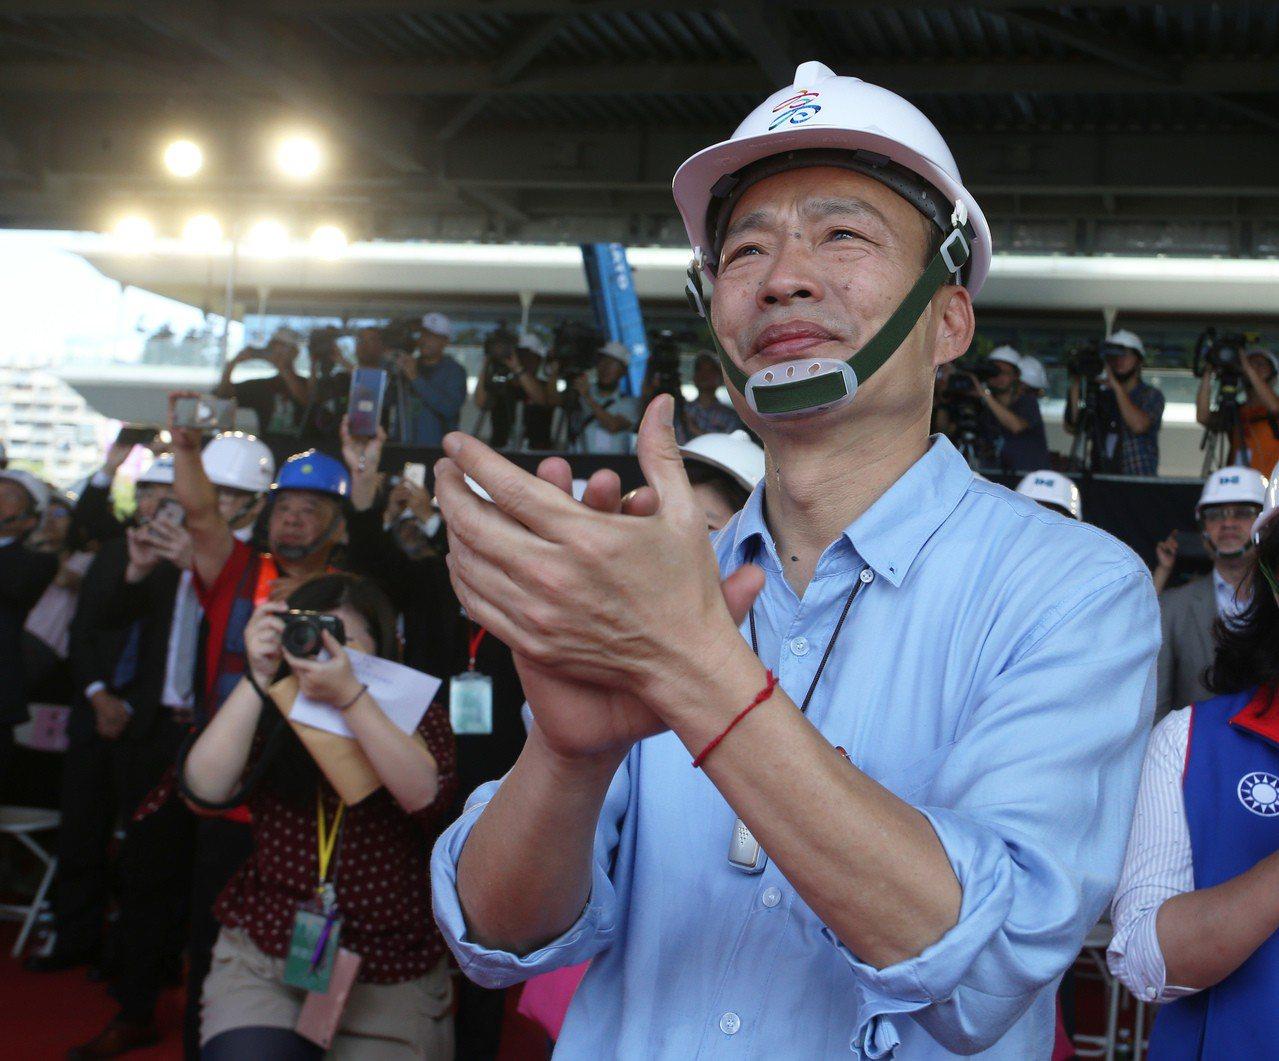 高雄市長韓國瑜上午參加高雄市立圖書館總館共構會展文創會館的上樑典禮,上樑典禮進行...